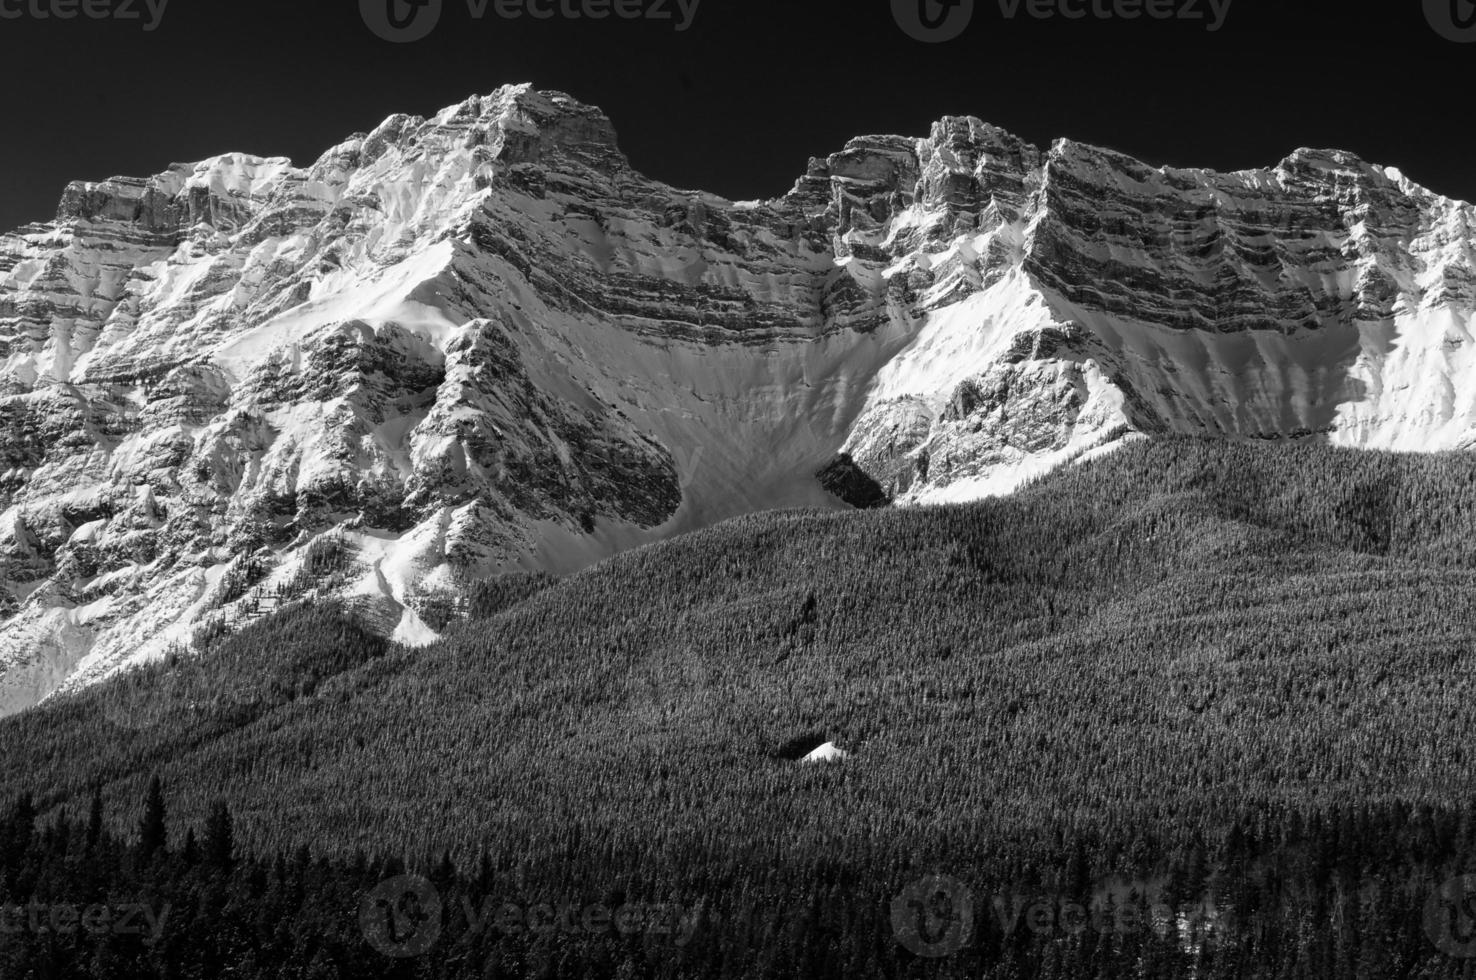 montaña en cascada, invierno parque banff foto